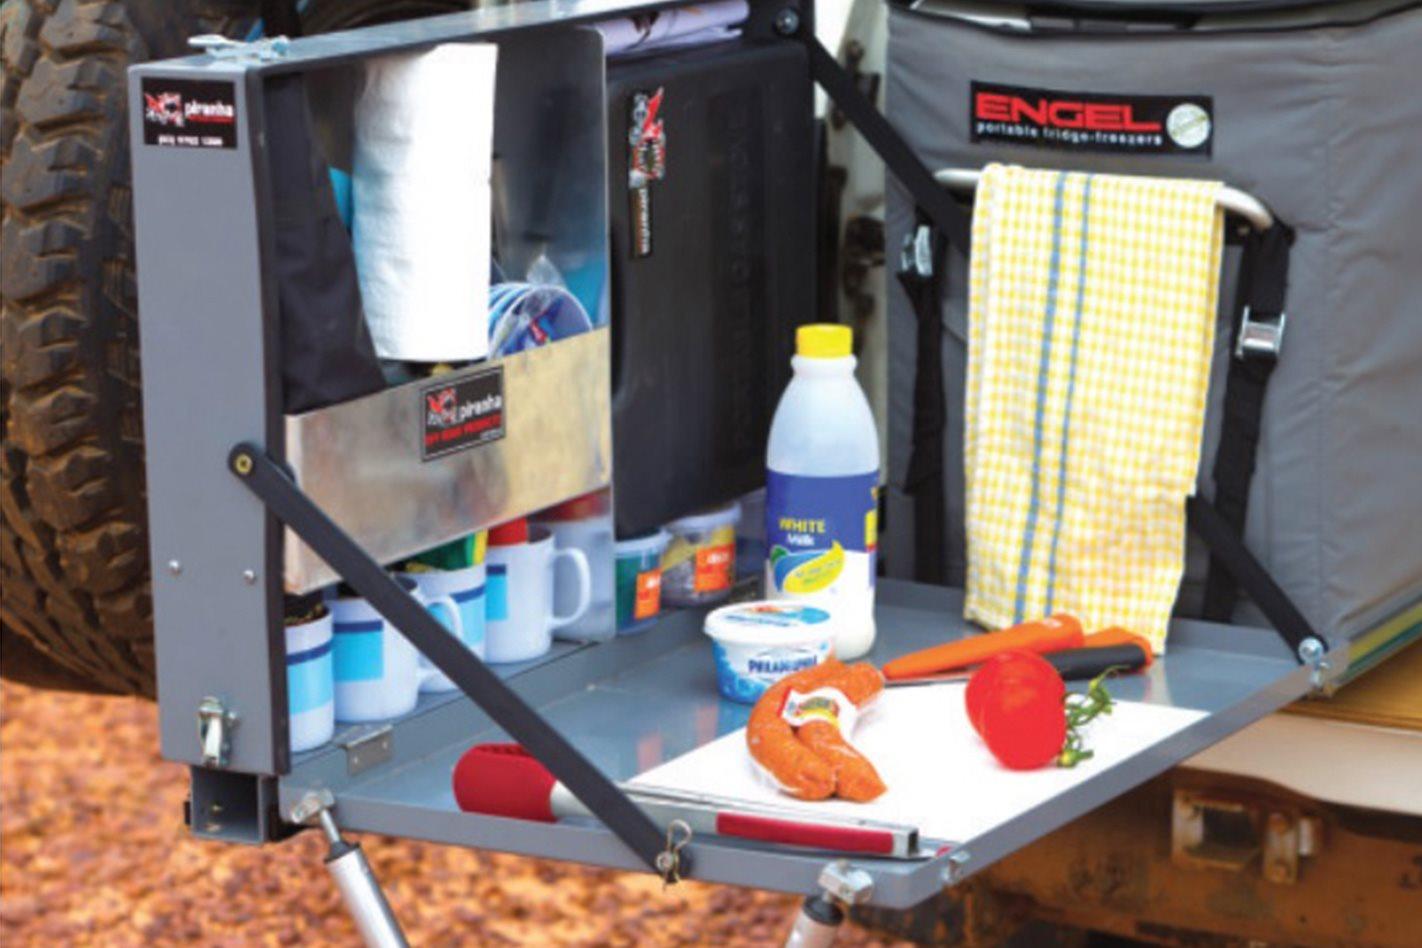 Piranha 30 Second 4X4 Kitchen